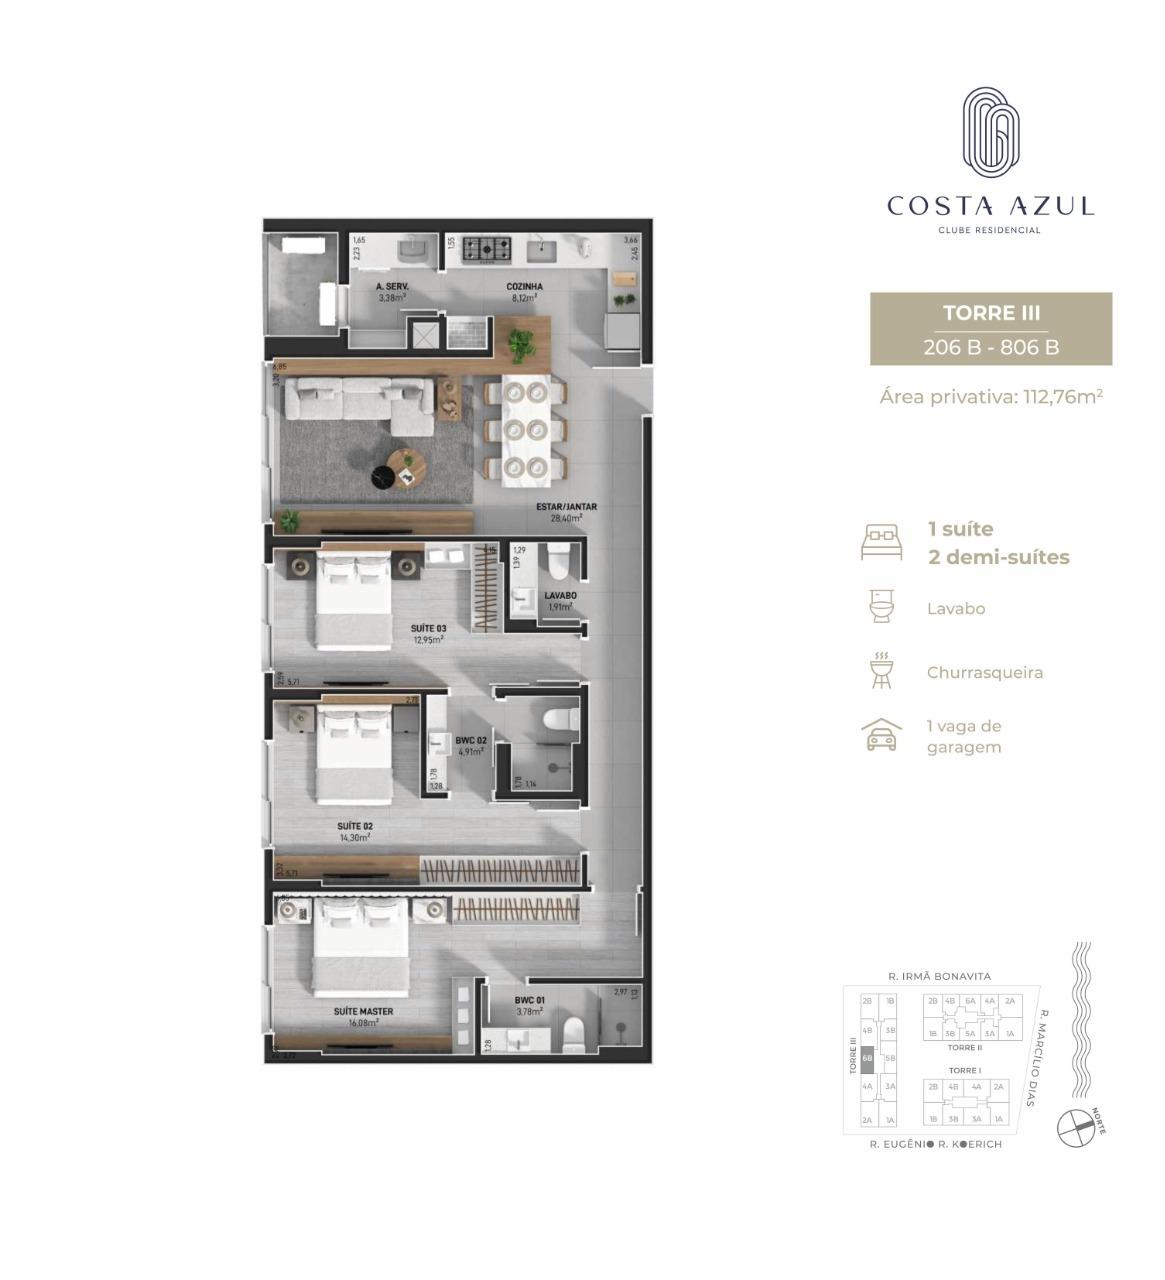 Planta humanizada final 06B Torre III - 3 dormitórios (imagem ilustrativa - mobiliário não incluído)